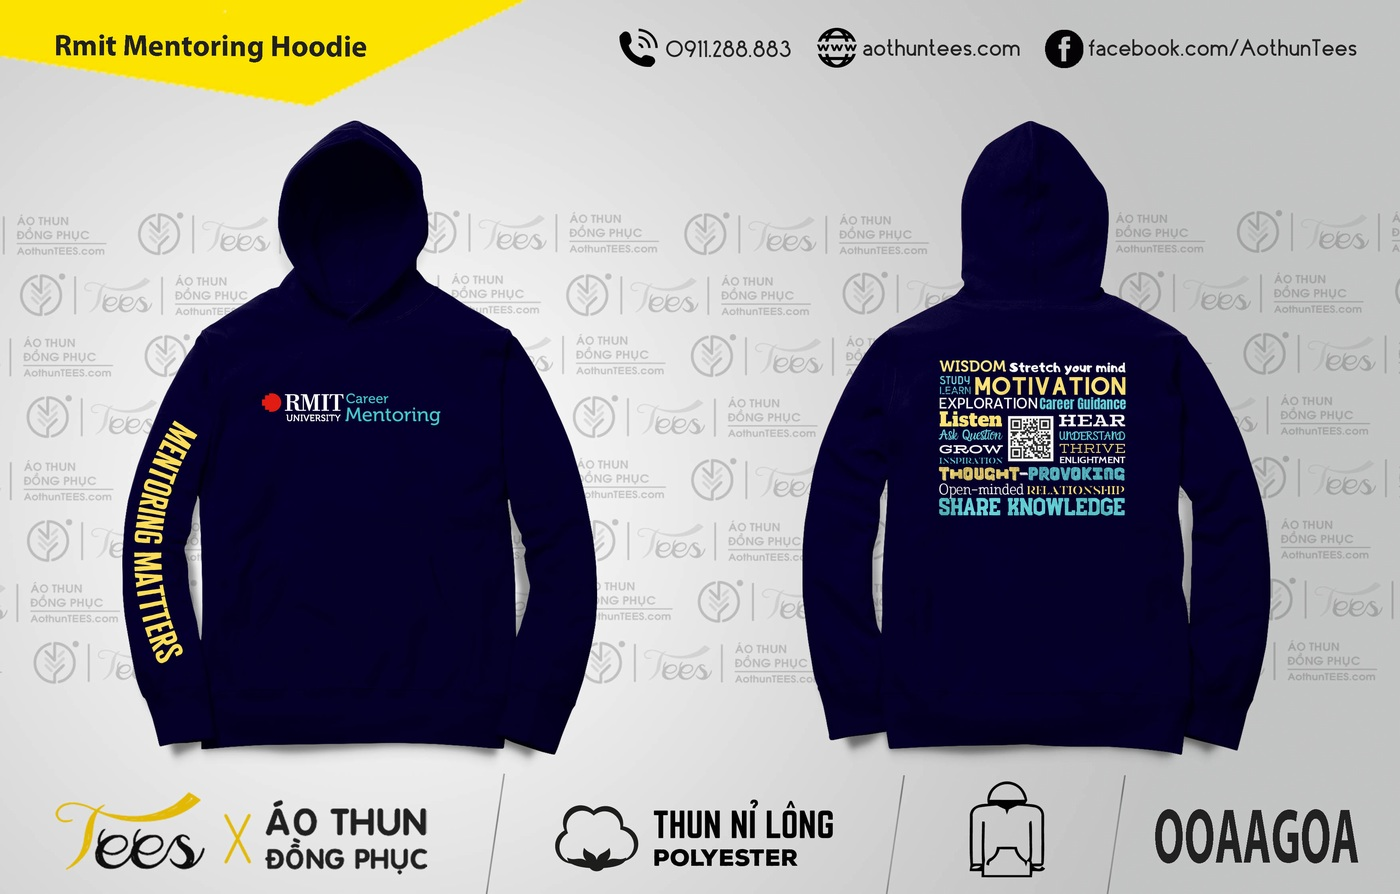 Rmit Mentoring Hoodie final - Áo hoodie đồng phục trường Đại học Quốc tế RMIT Việt Nam - Career Mentoring